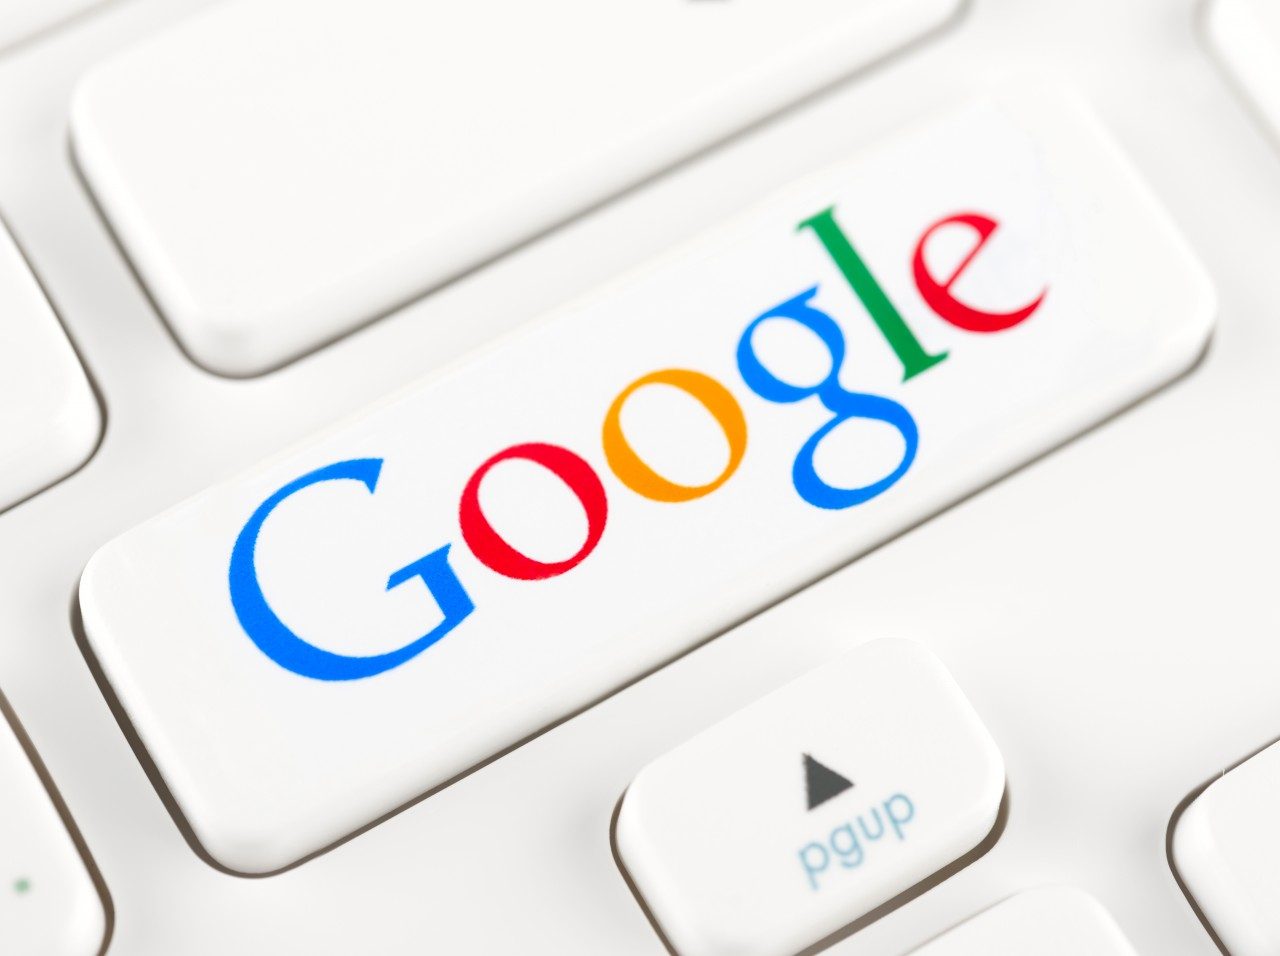 Référencement : les méthodes à appliquer pour ne pas se faire griller par Google